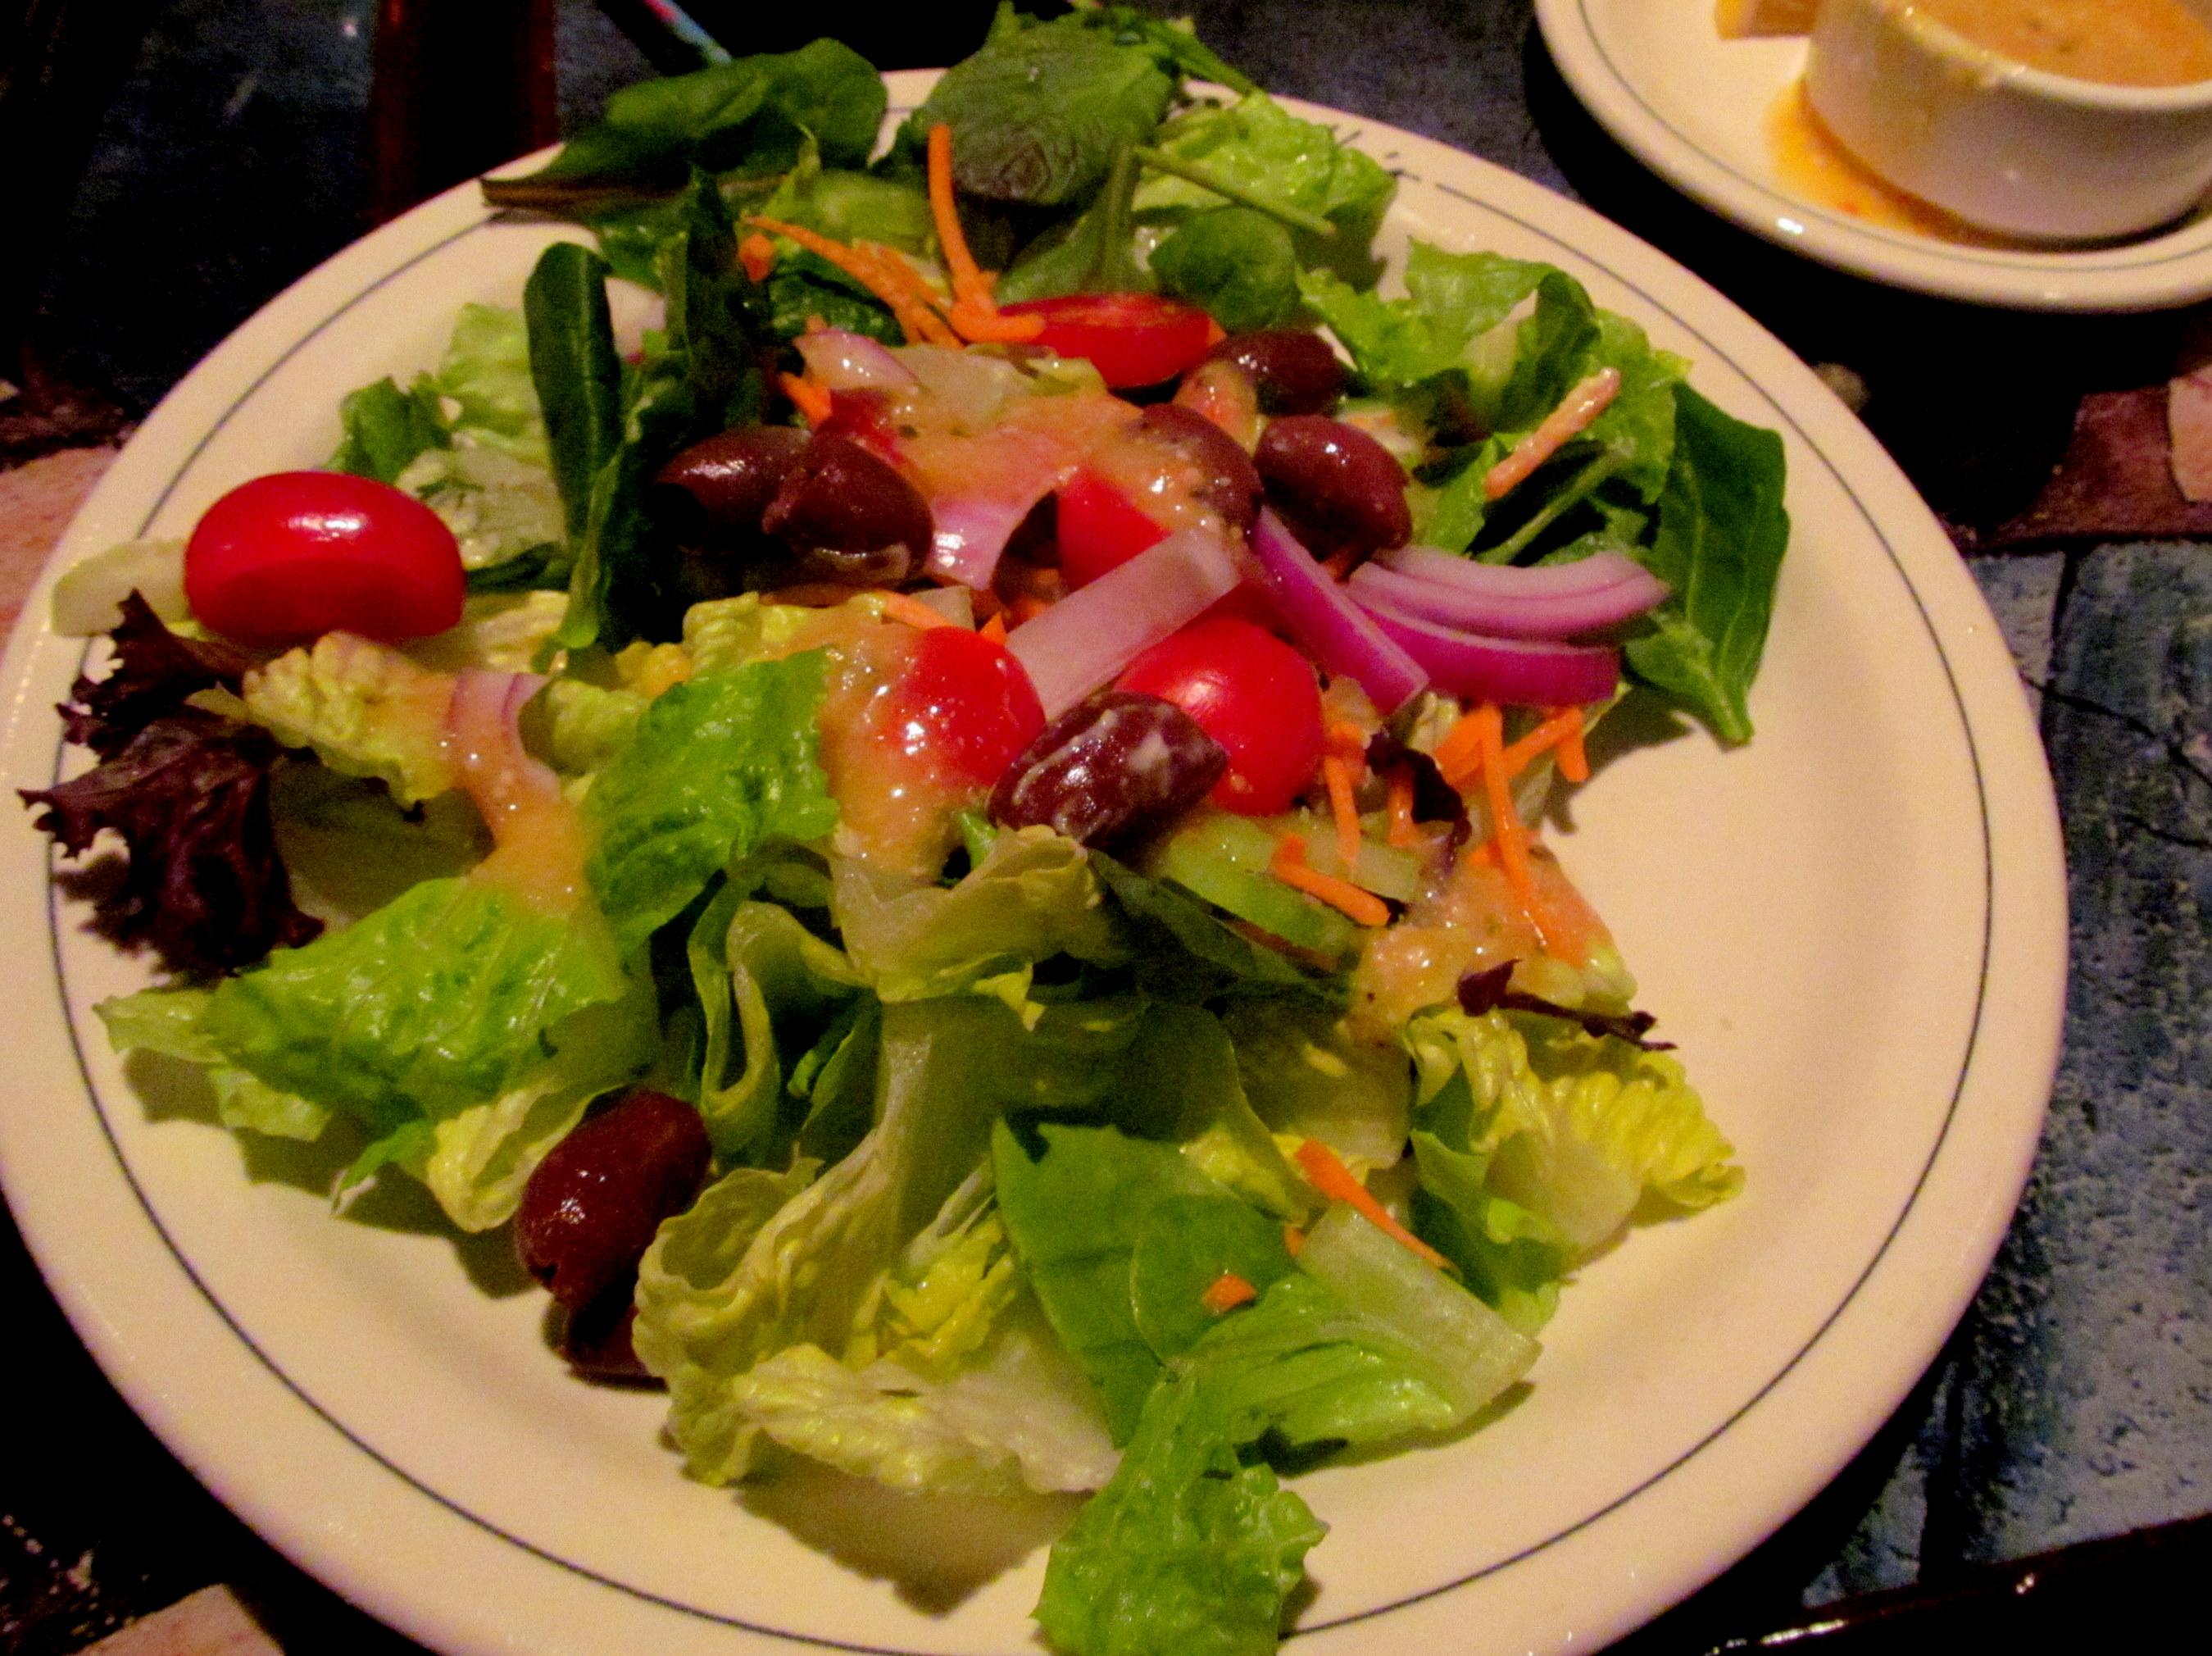 Vegan Food At Carrabba S